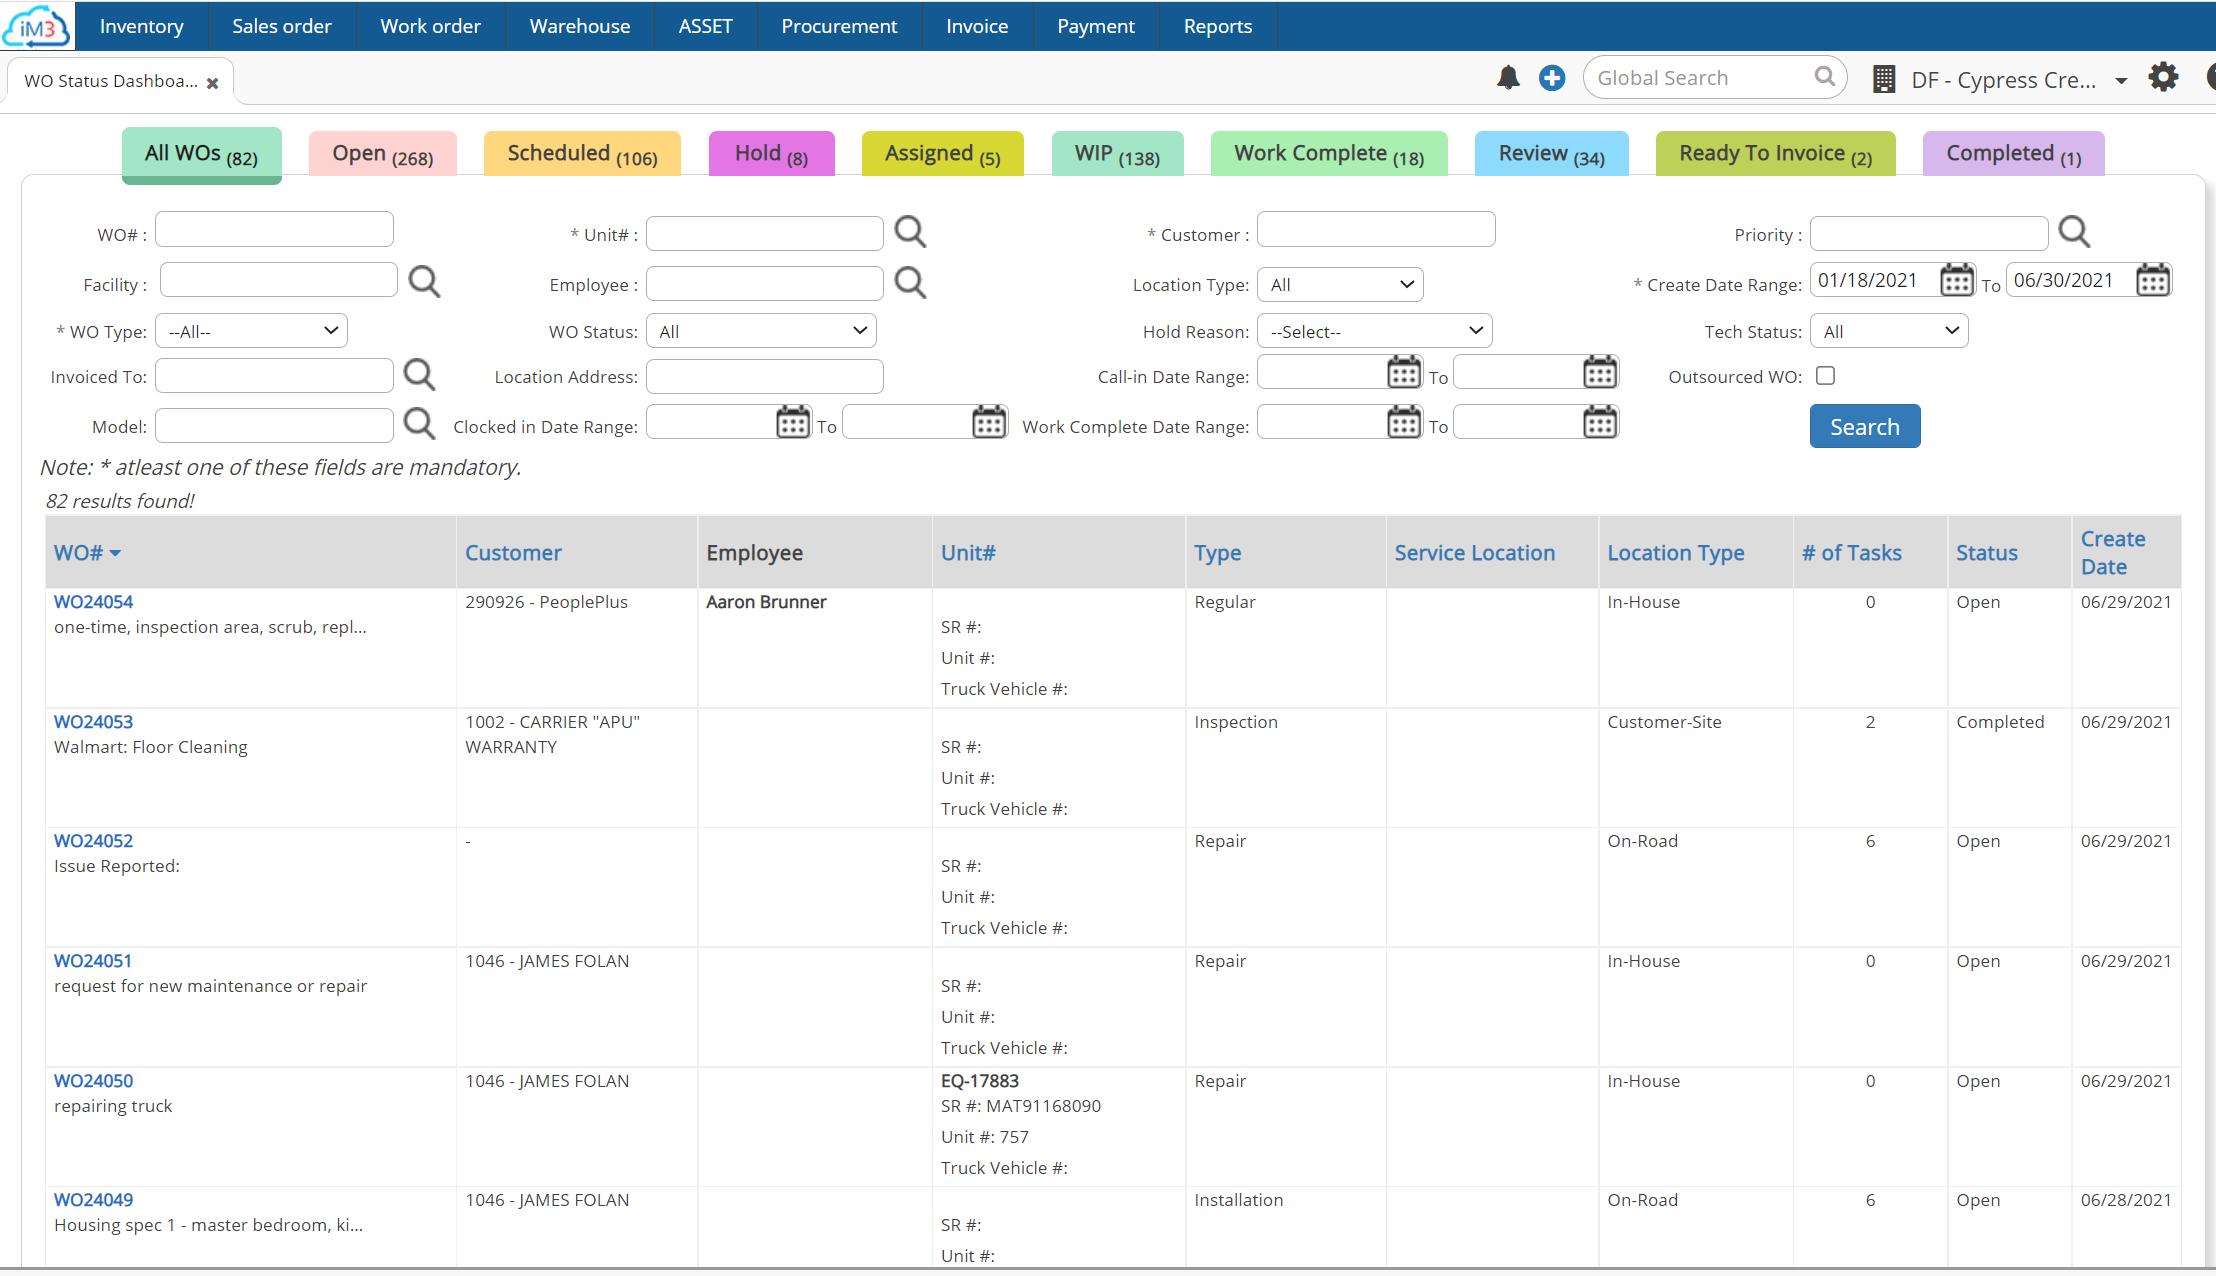 Asset Management: Work Order Management, Track Statuses